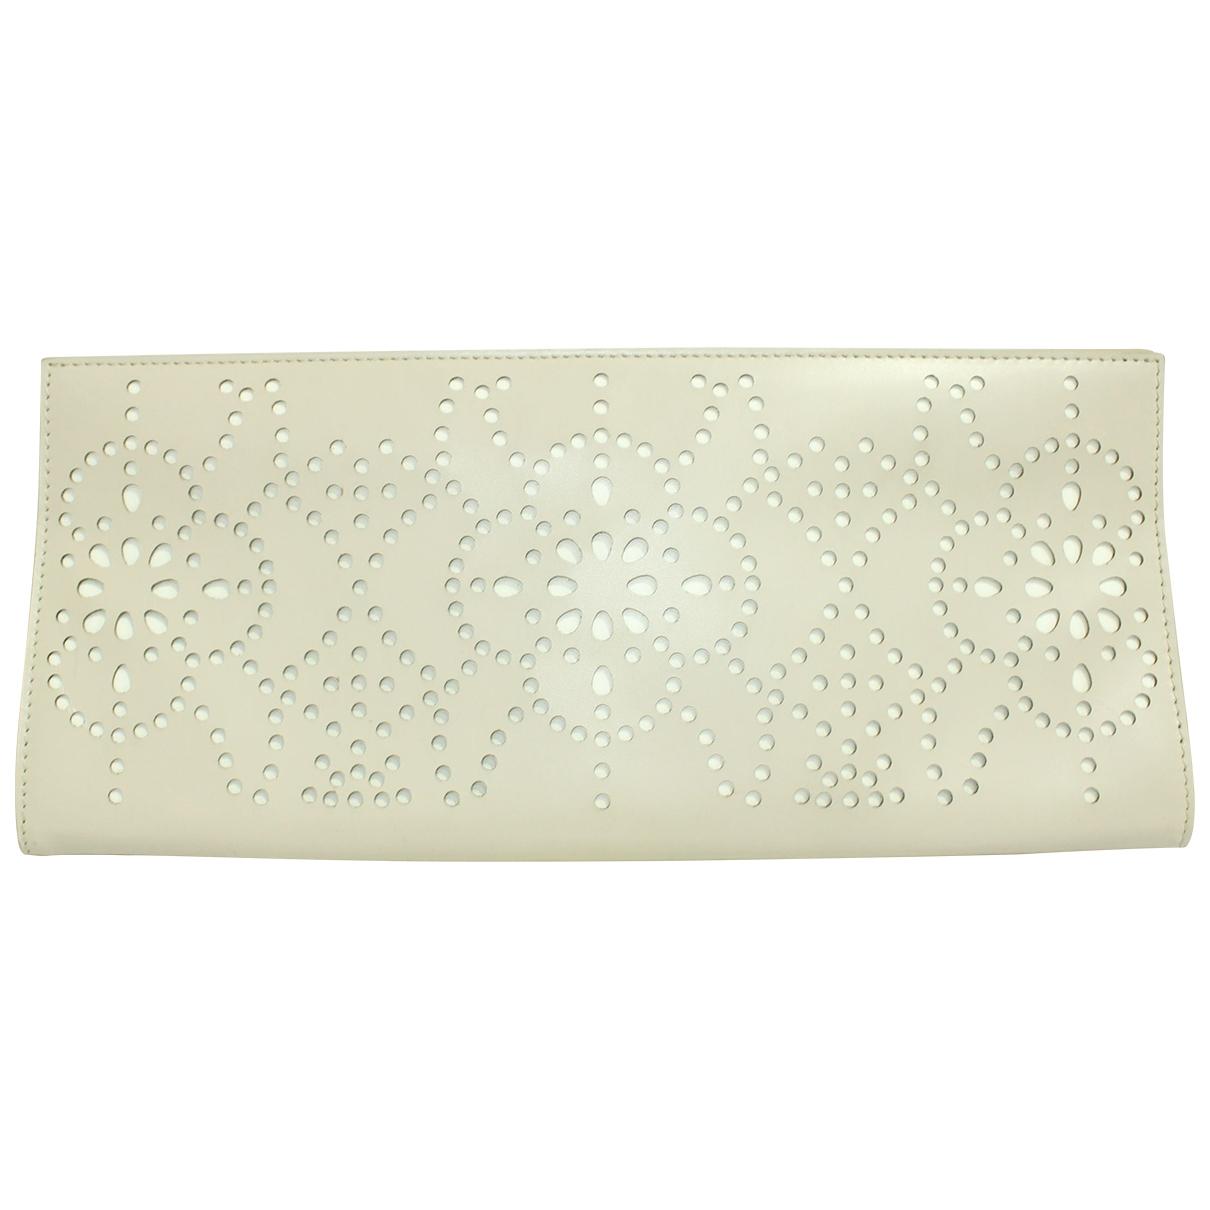 Alaïa \N Beige Leather Clutch bag for Women \N